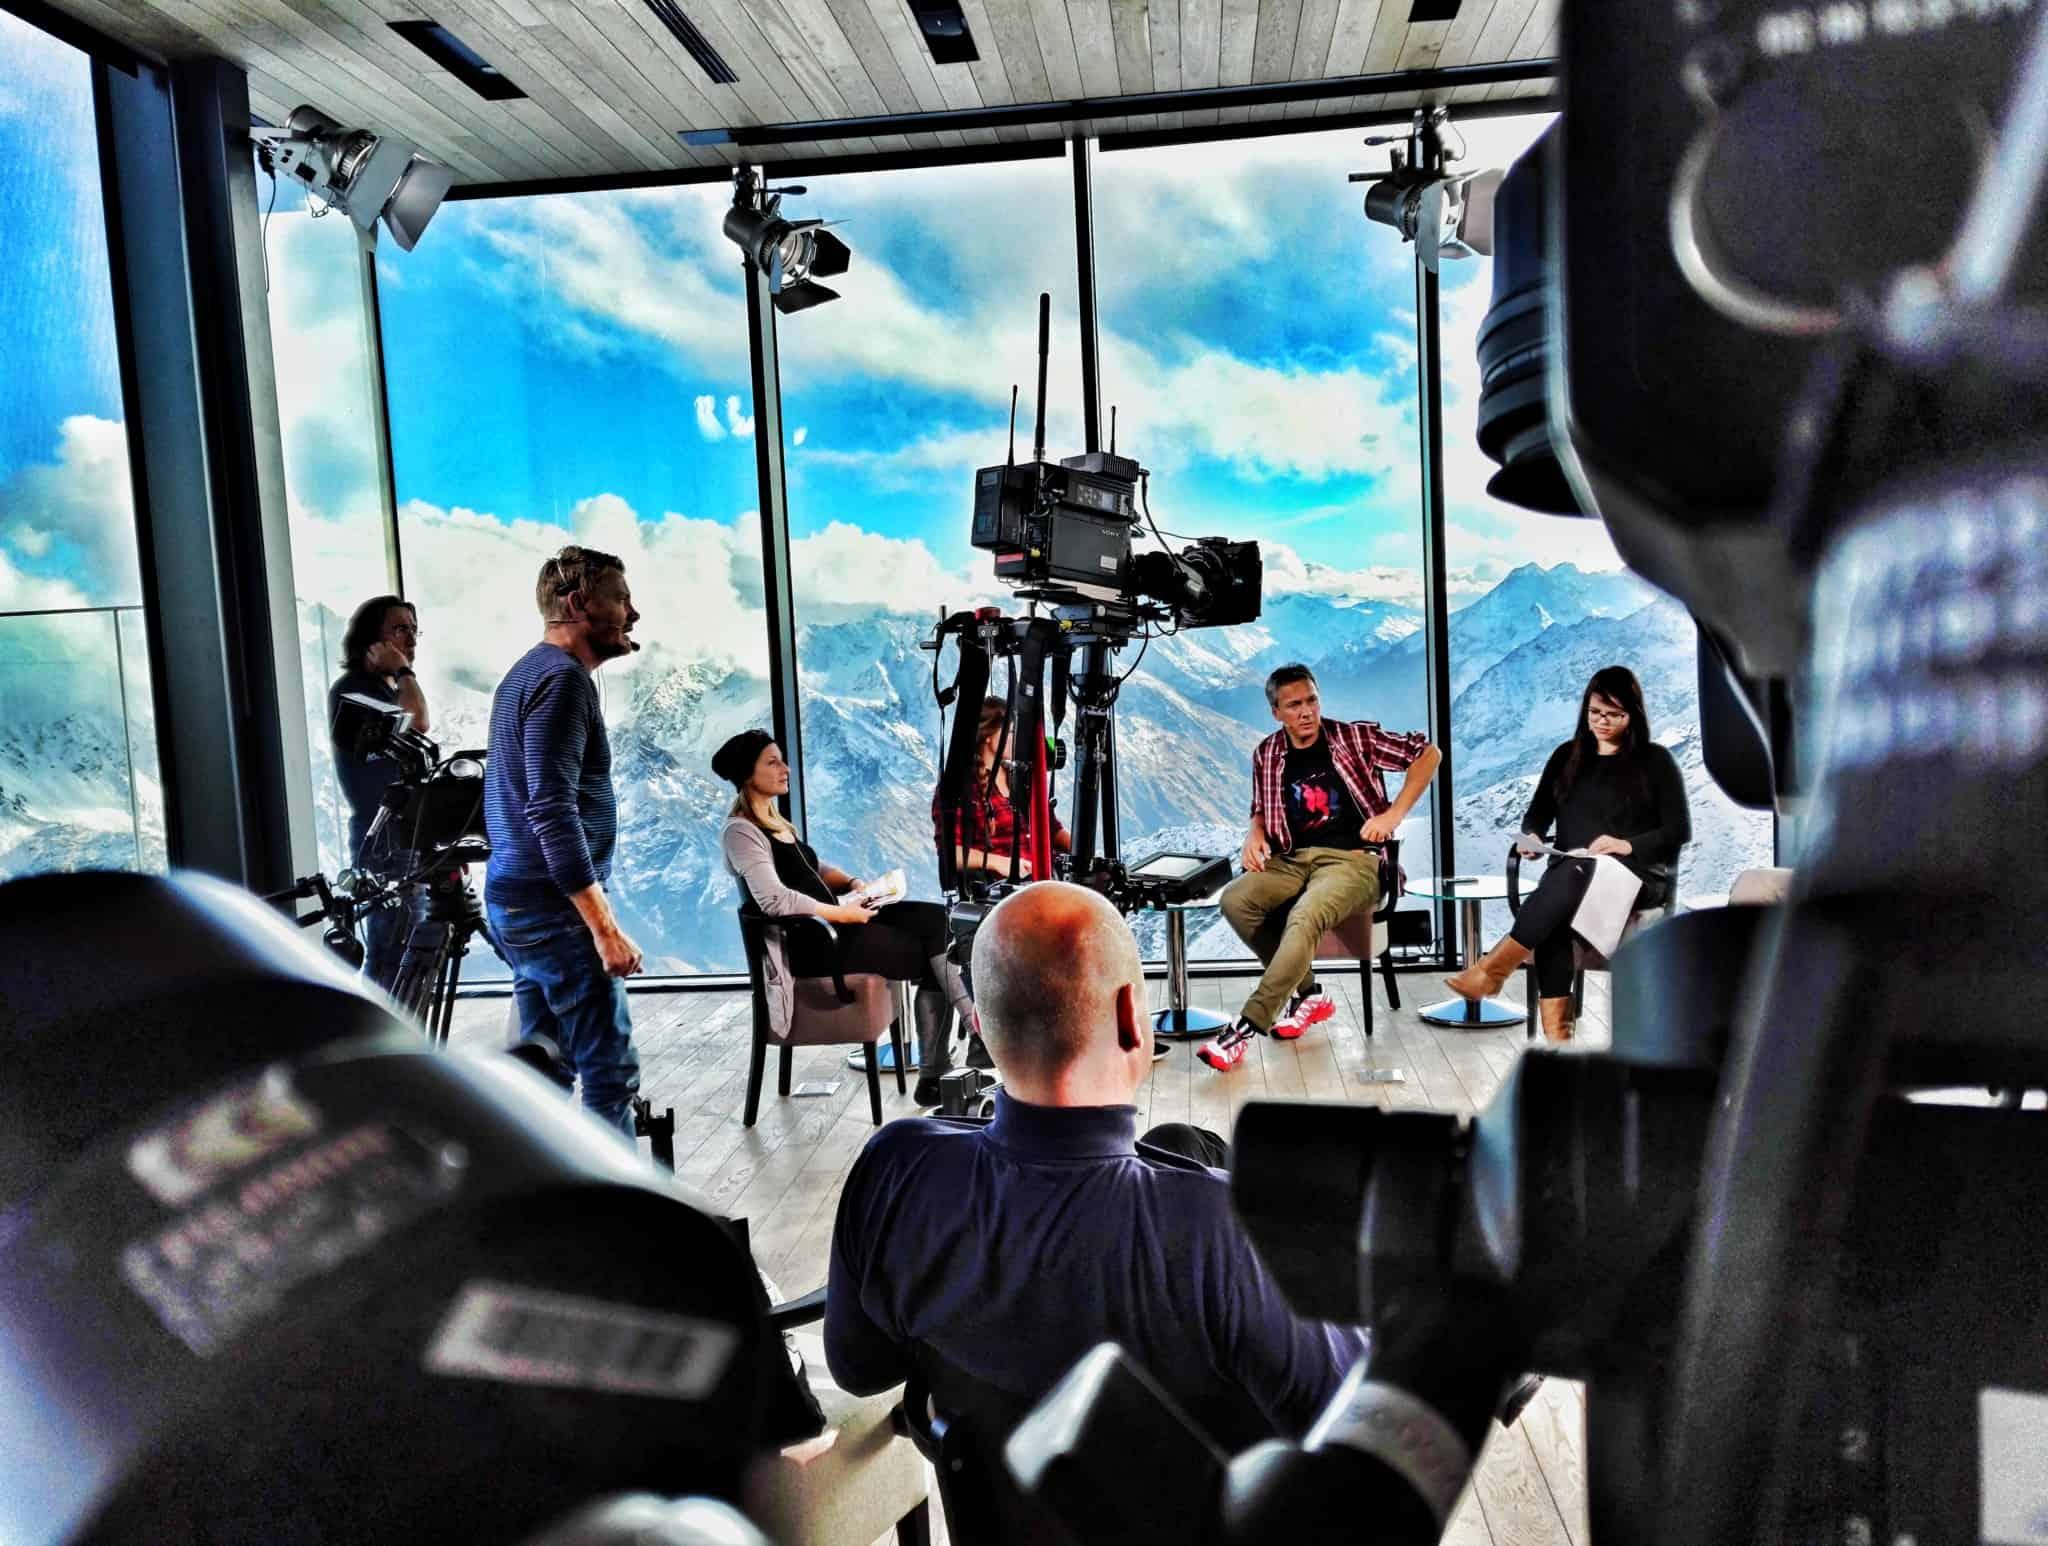 ServusTv Sport und Talk aus dem hangar7 soelden spezial 10 - ServusTV - Sport und Talk aus dem Hangar 7 - Sölden Spezial